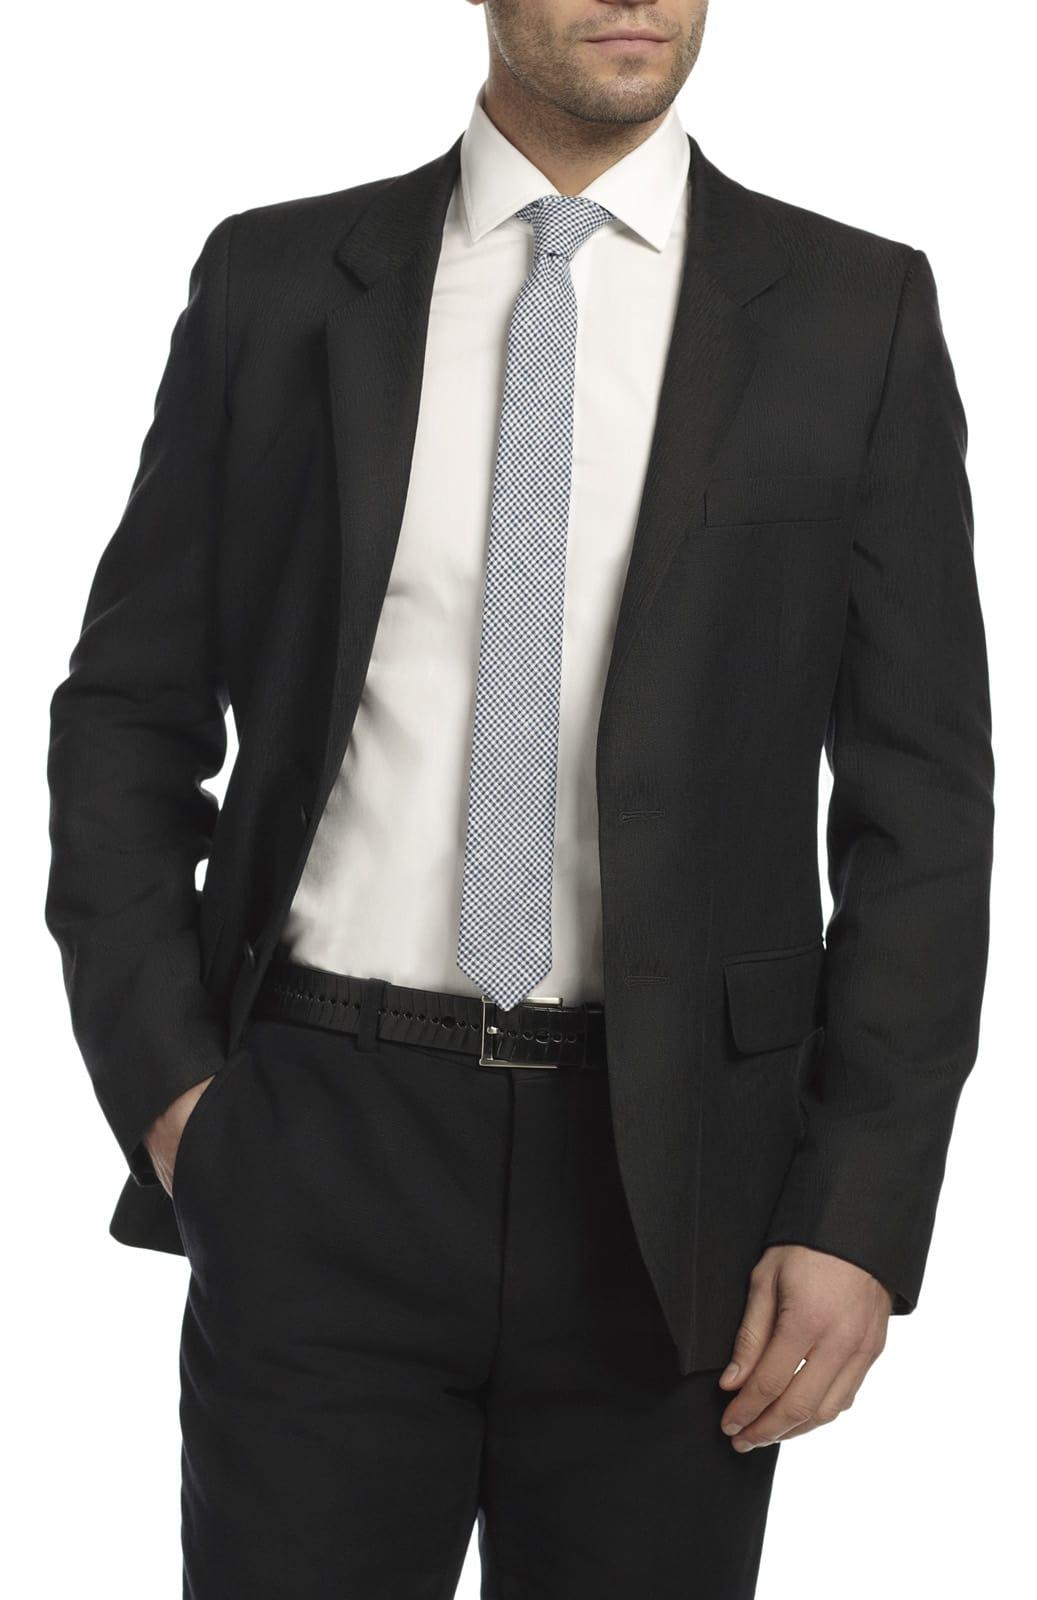 Skinny Tie Navy Gingham Hentsch Man Wolf Badger